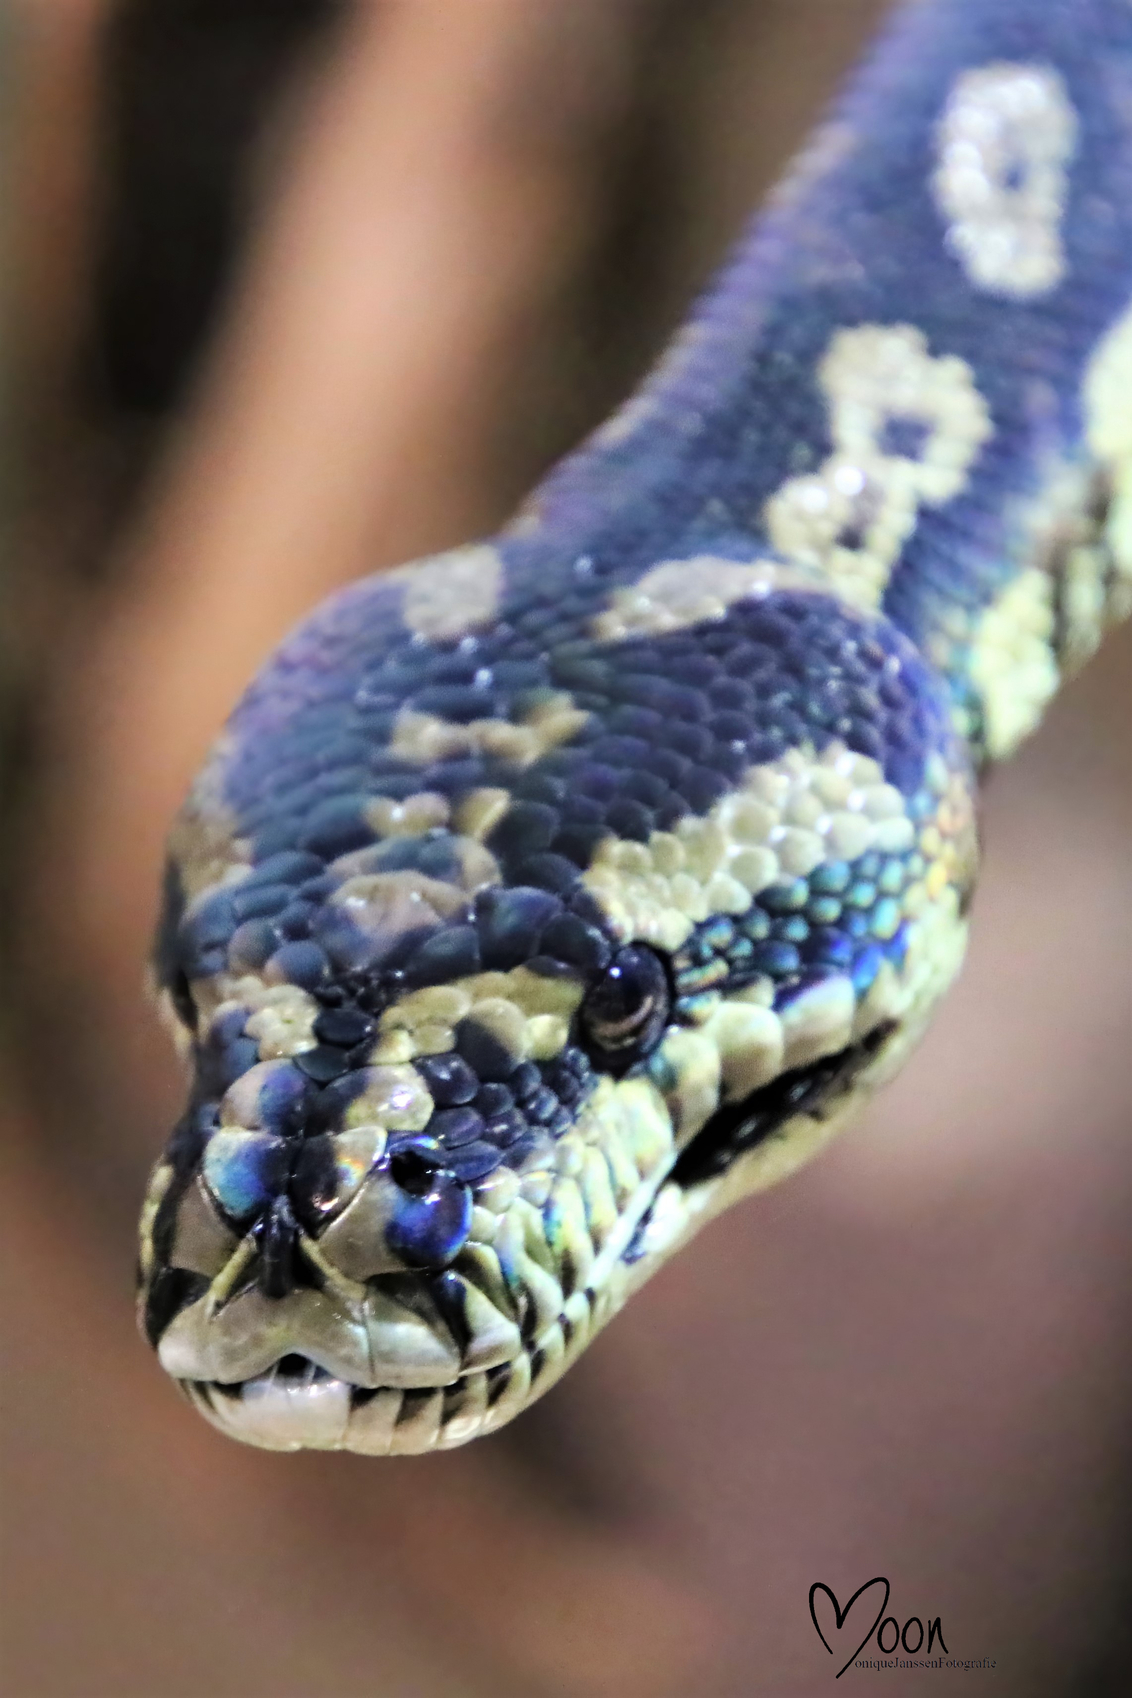 Tapijtslang (Boa Constrictor) - - - foto door Snoepje op 11-10-2020 - deze foto bevat: dieren, slang, reptiel, boa constrictor